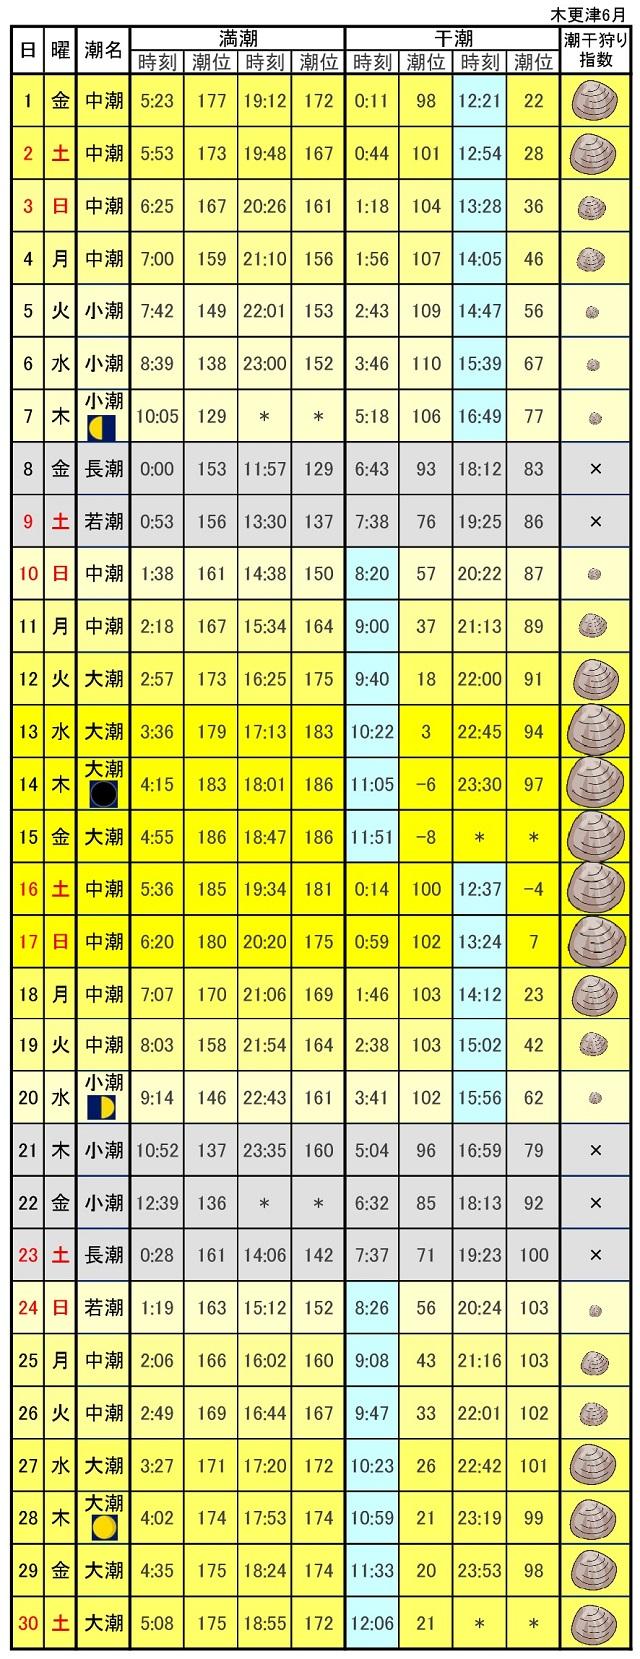 木更津港潮干狩りカレンダー2018年6月